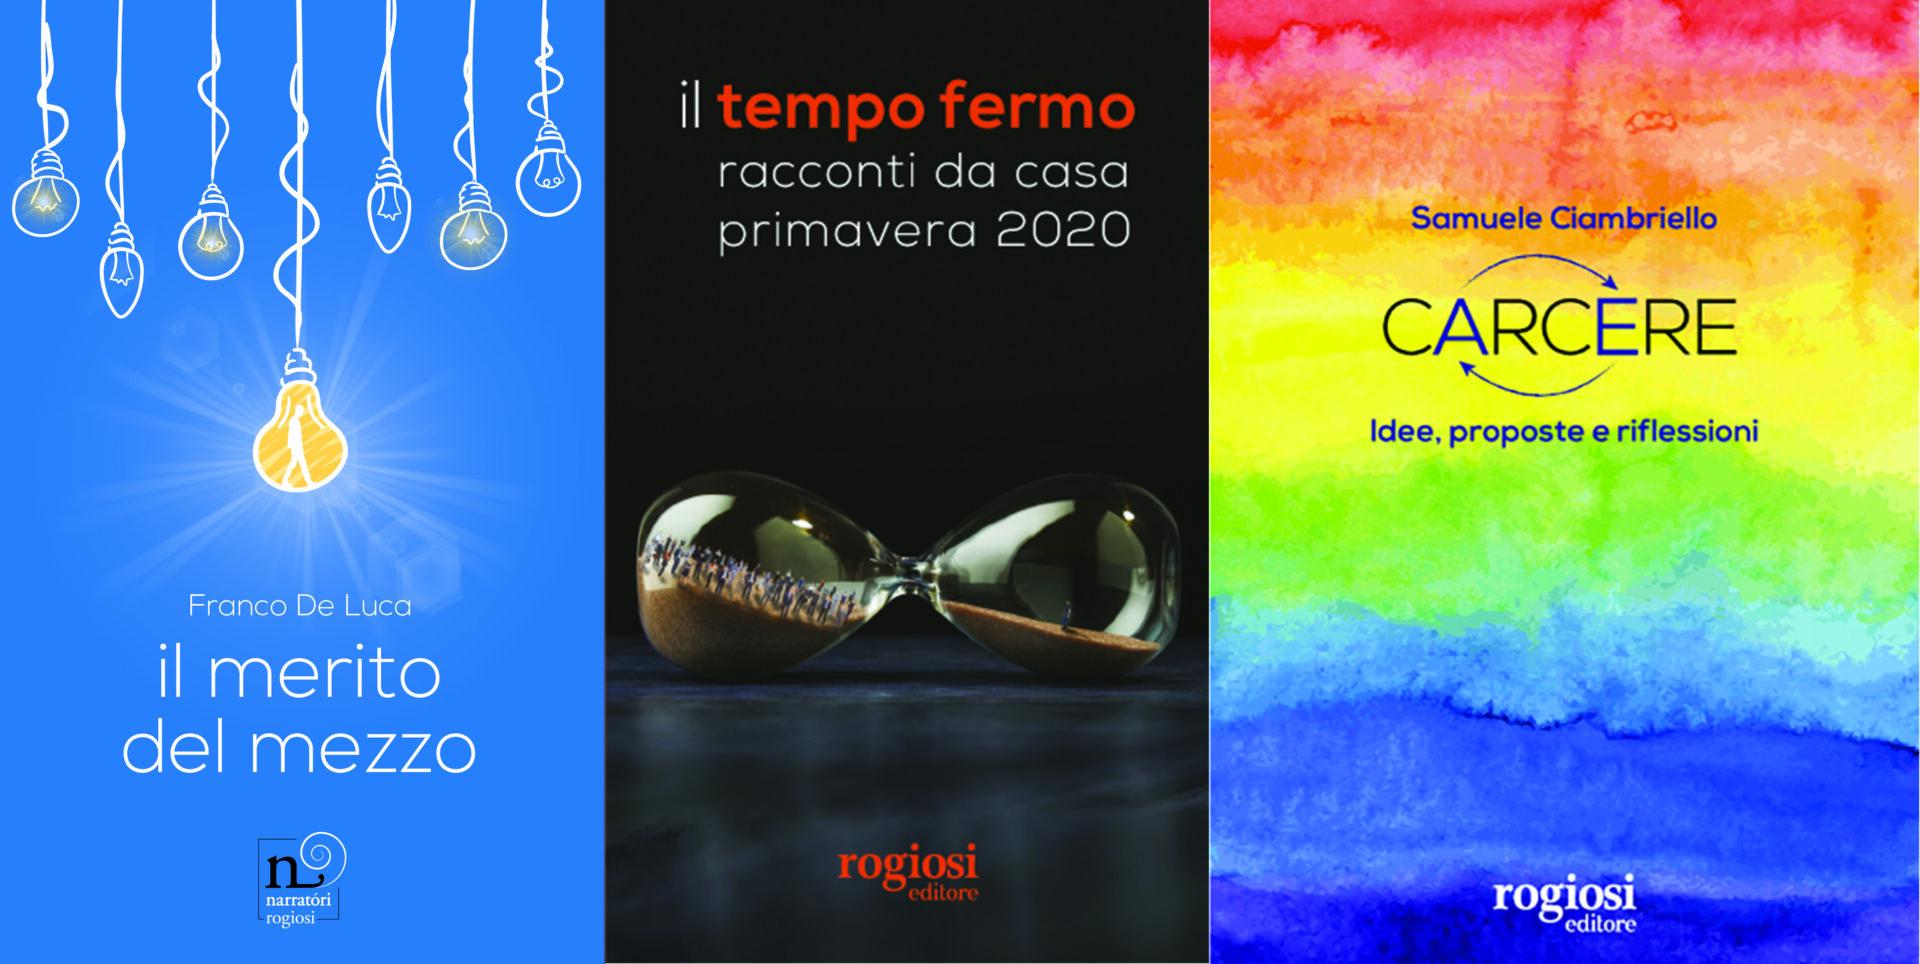 Rogiosi Editori nell'ambito della rassegna 'In-Chiostro' presenta i libri degli autori Franco De Luca, Samuele Ciambriello e AAVV. Ecco le date degli appuntamenti.